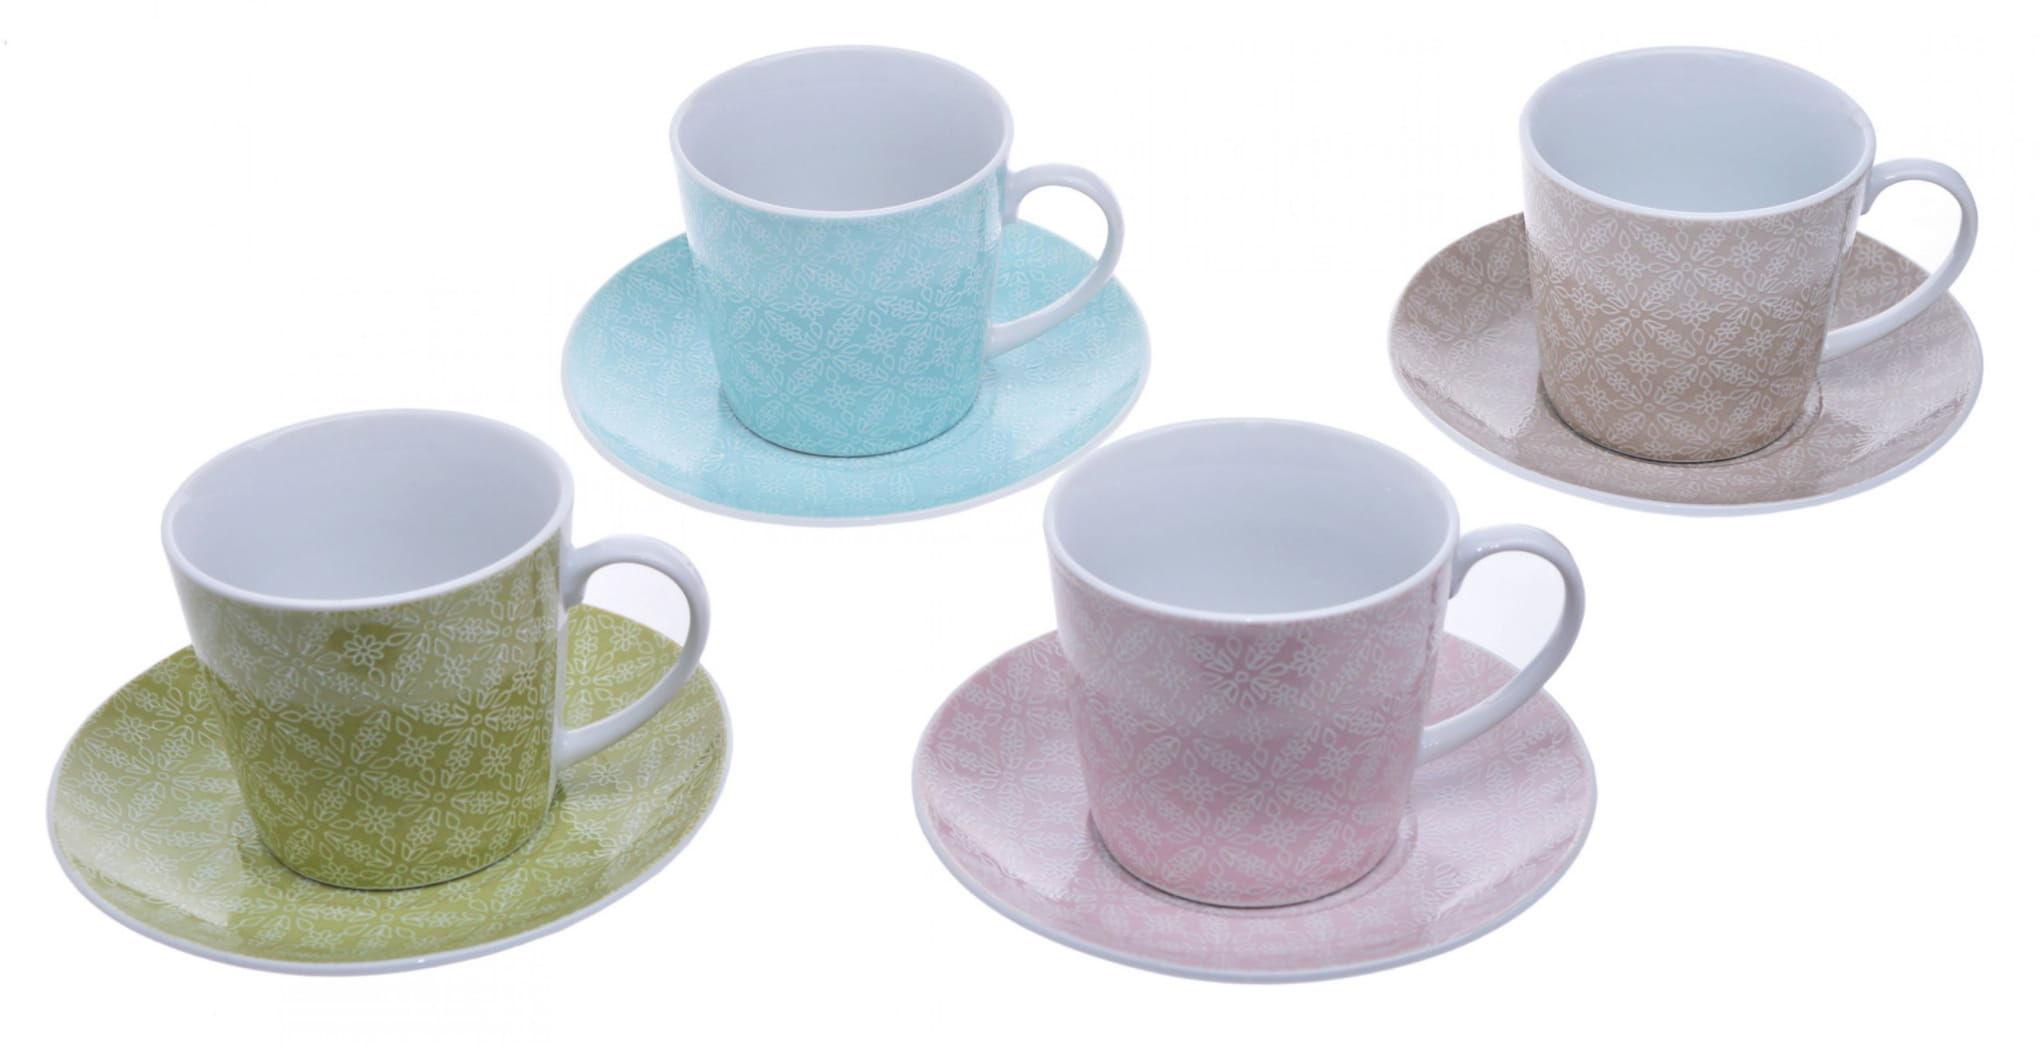 Kpl. 4 kolorowych filiżanek z porcelany